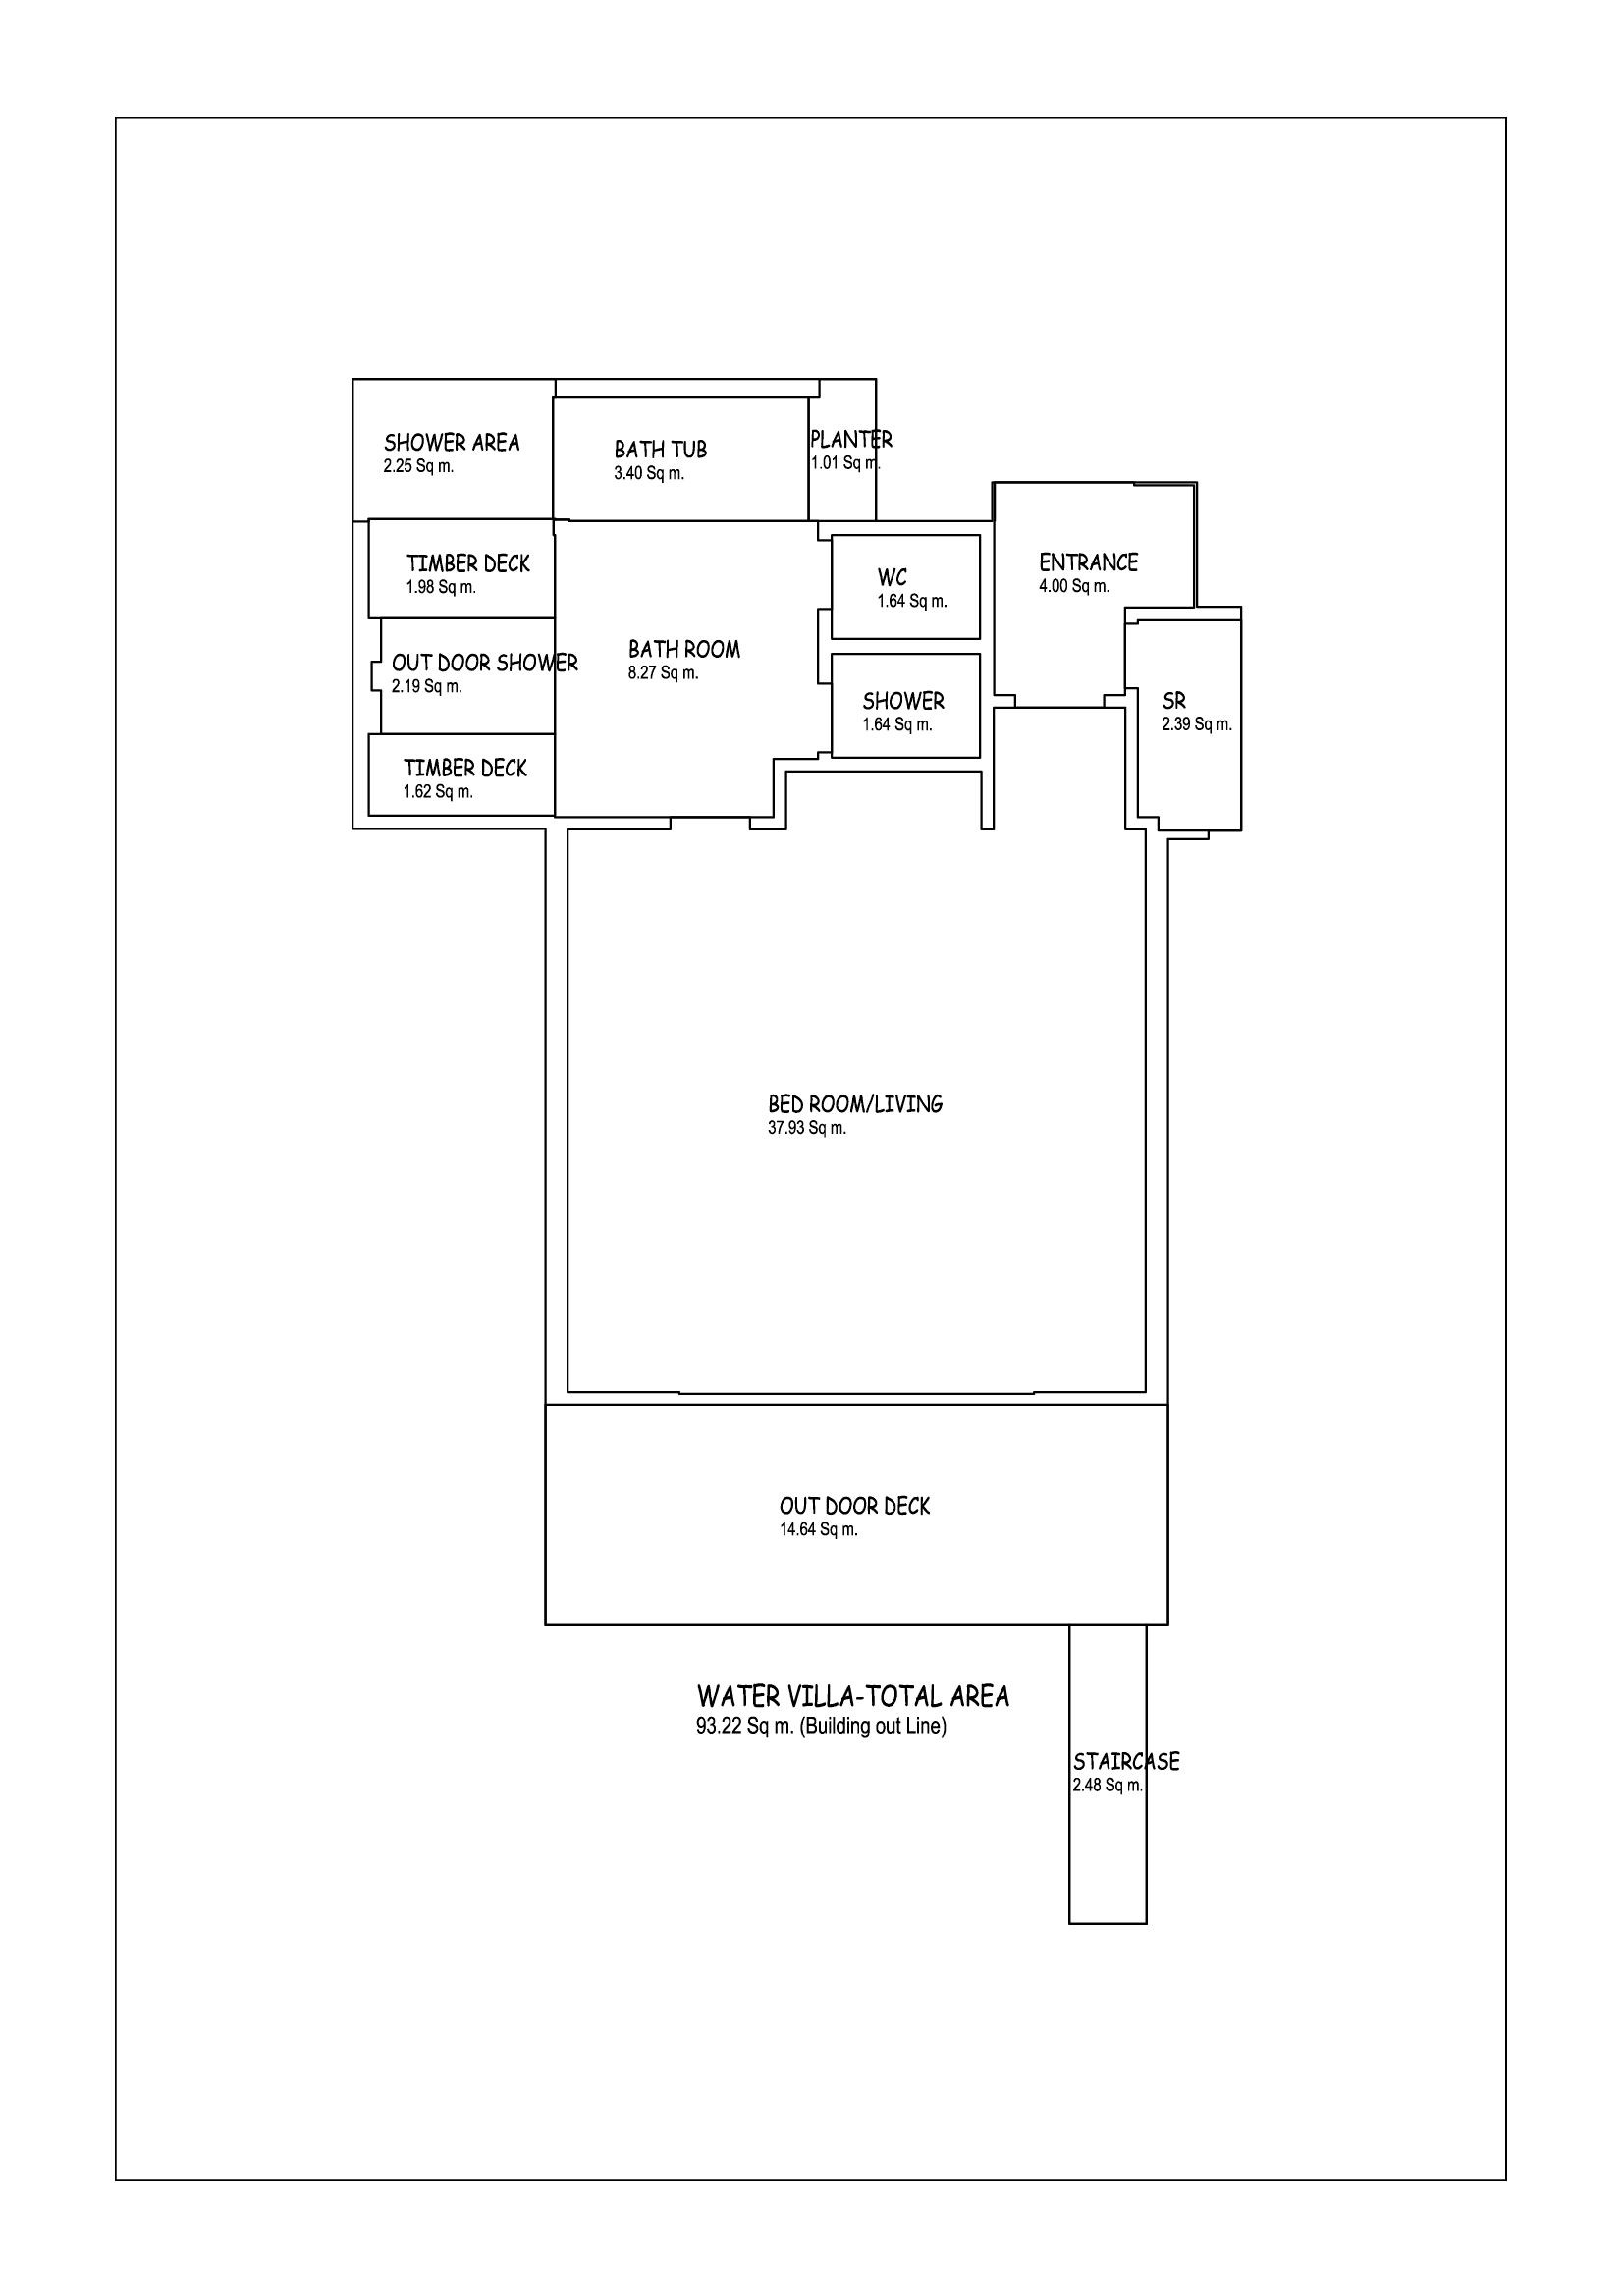 Мальдивы, Отель Amari Havodda Maldives, план-схема номера Over Water Villa